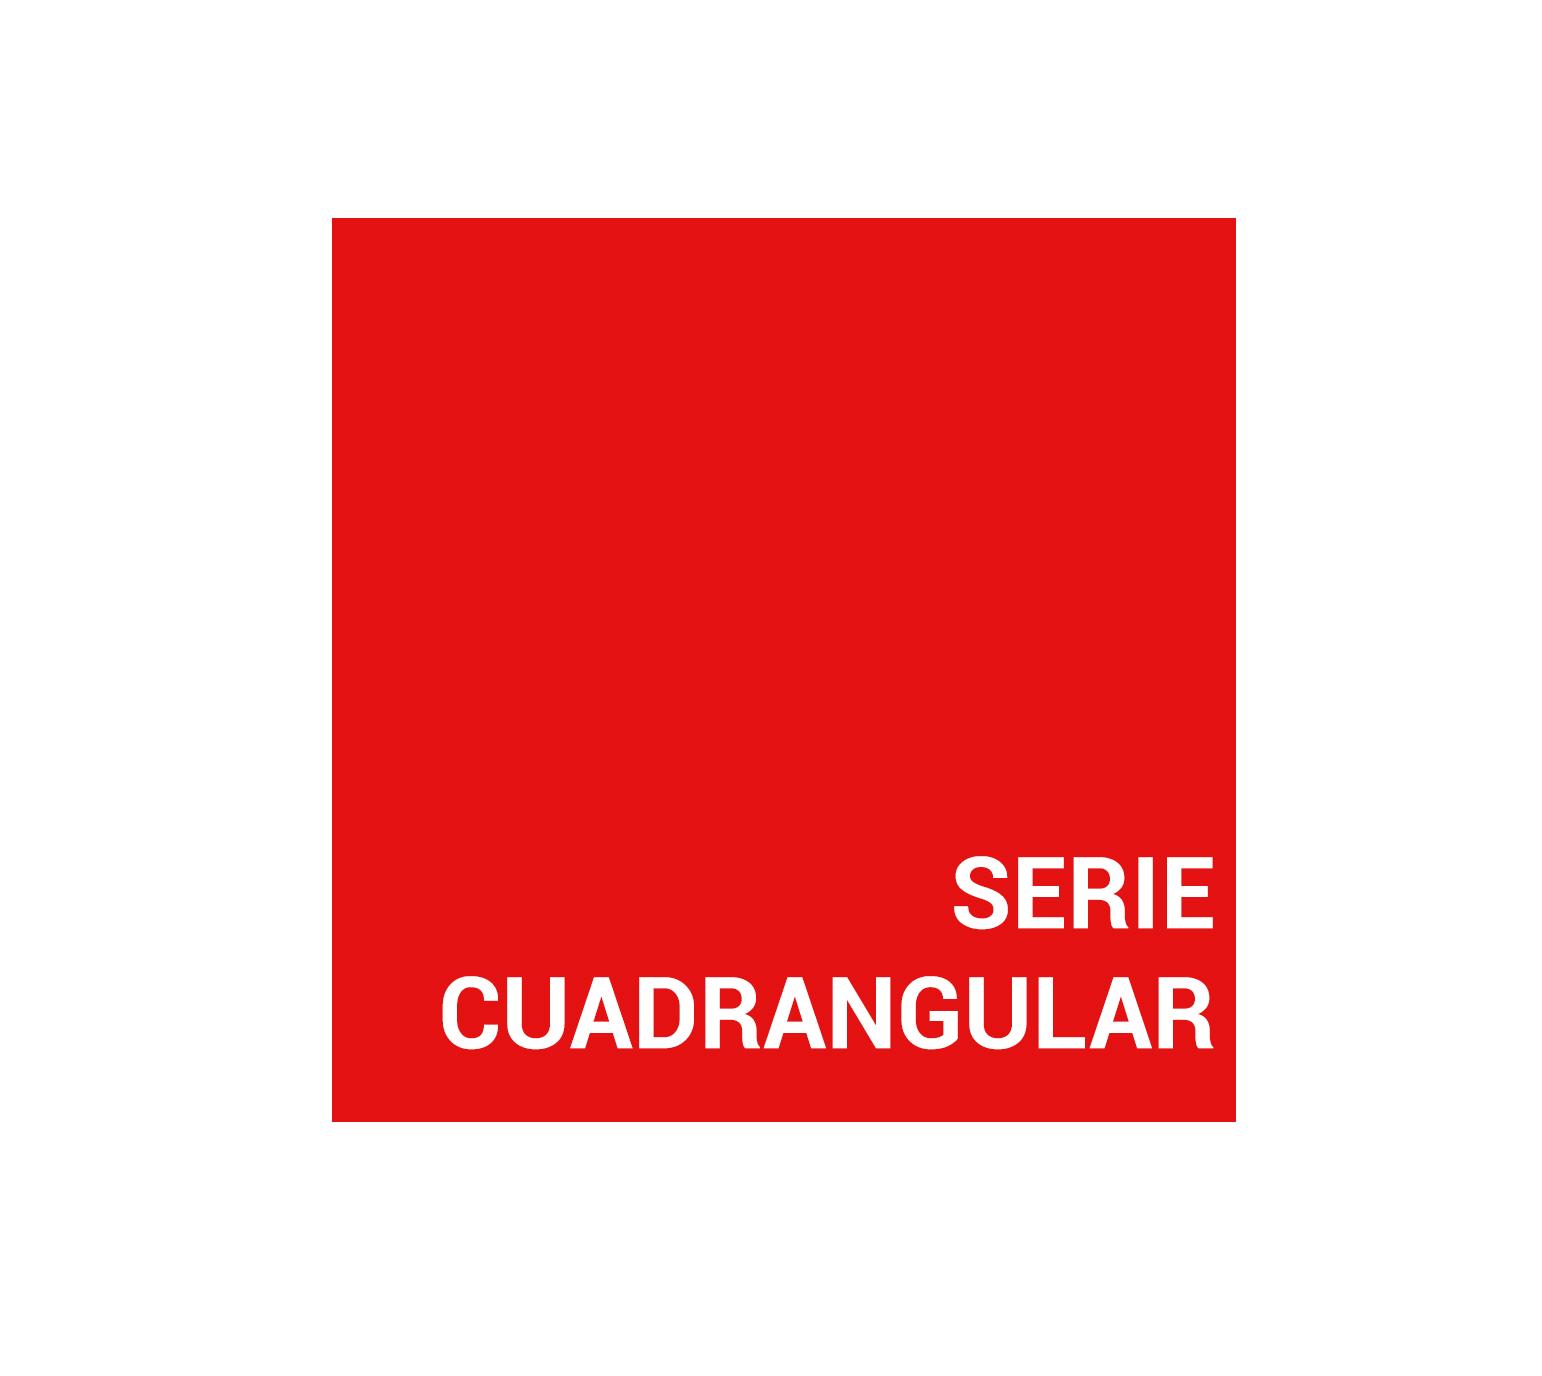 serie cuadrangular - industria